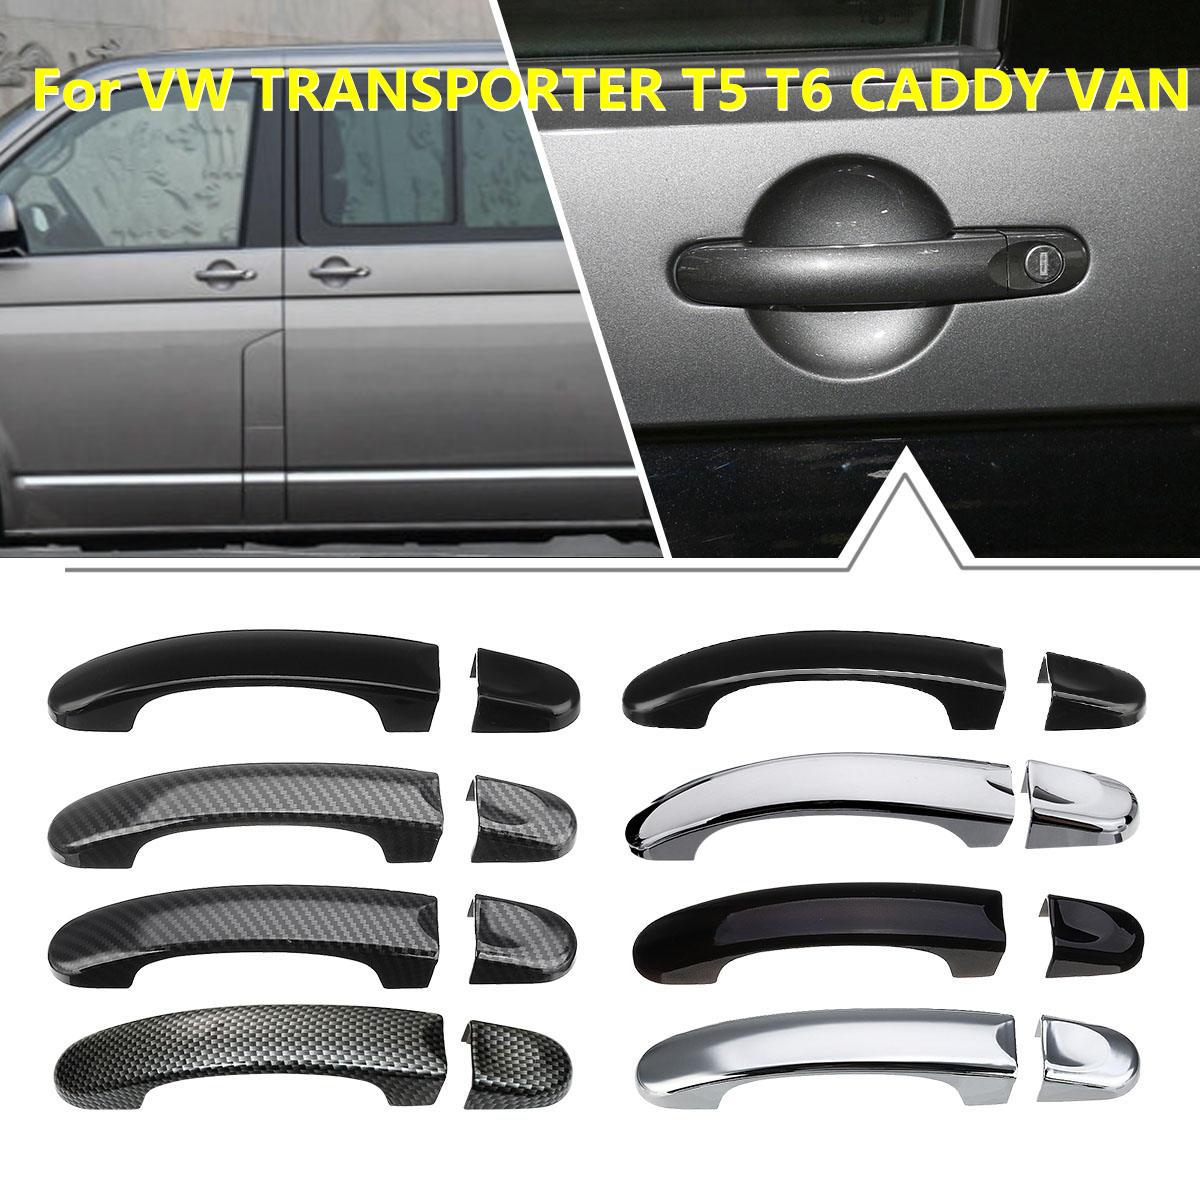 8 verschillende Stijl 1 Set Deurgreep Covers Trim Voor VW TRANSPORTER voor T5 2003 2004-2015 voor T6 2015-up voor CADDY VAN 2004-2015